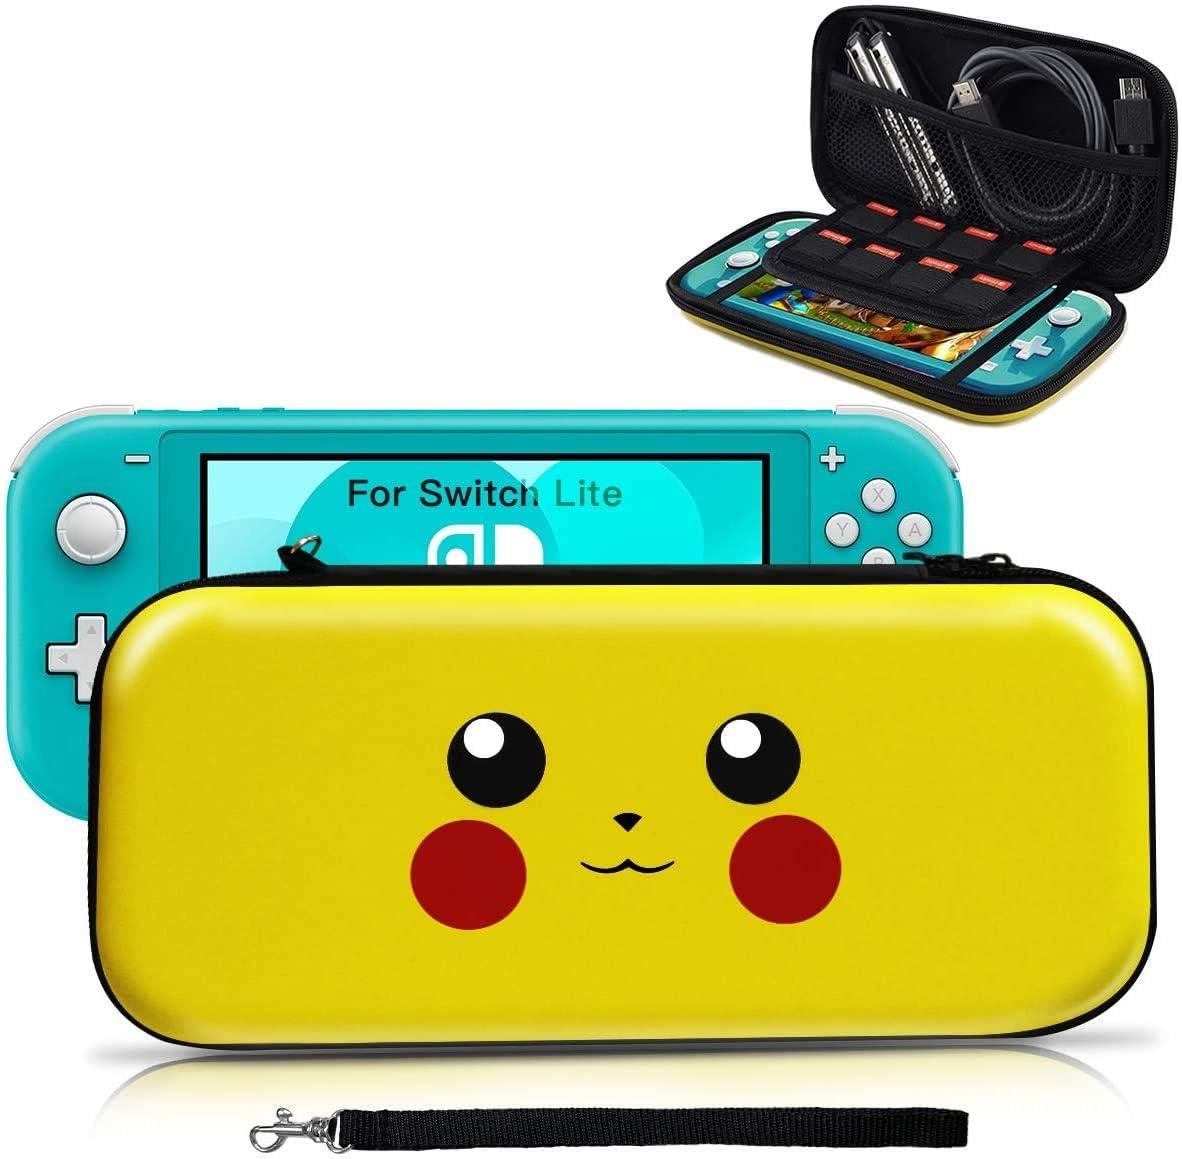 Funda para Switch Lite, [Diseño para Pikachu/Pokemon][Estuche Protector Portátil ] Funda de Viaje Transportar para Switch Lite Accesorios- Amarillo: Amazon.es: Electrónica